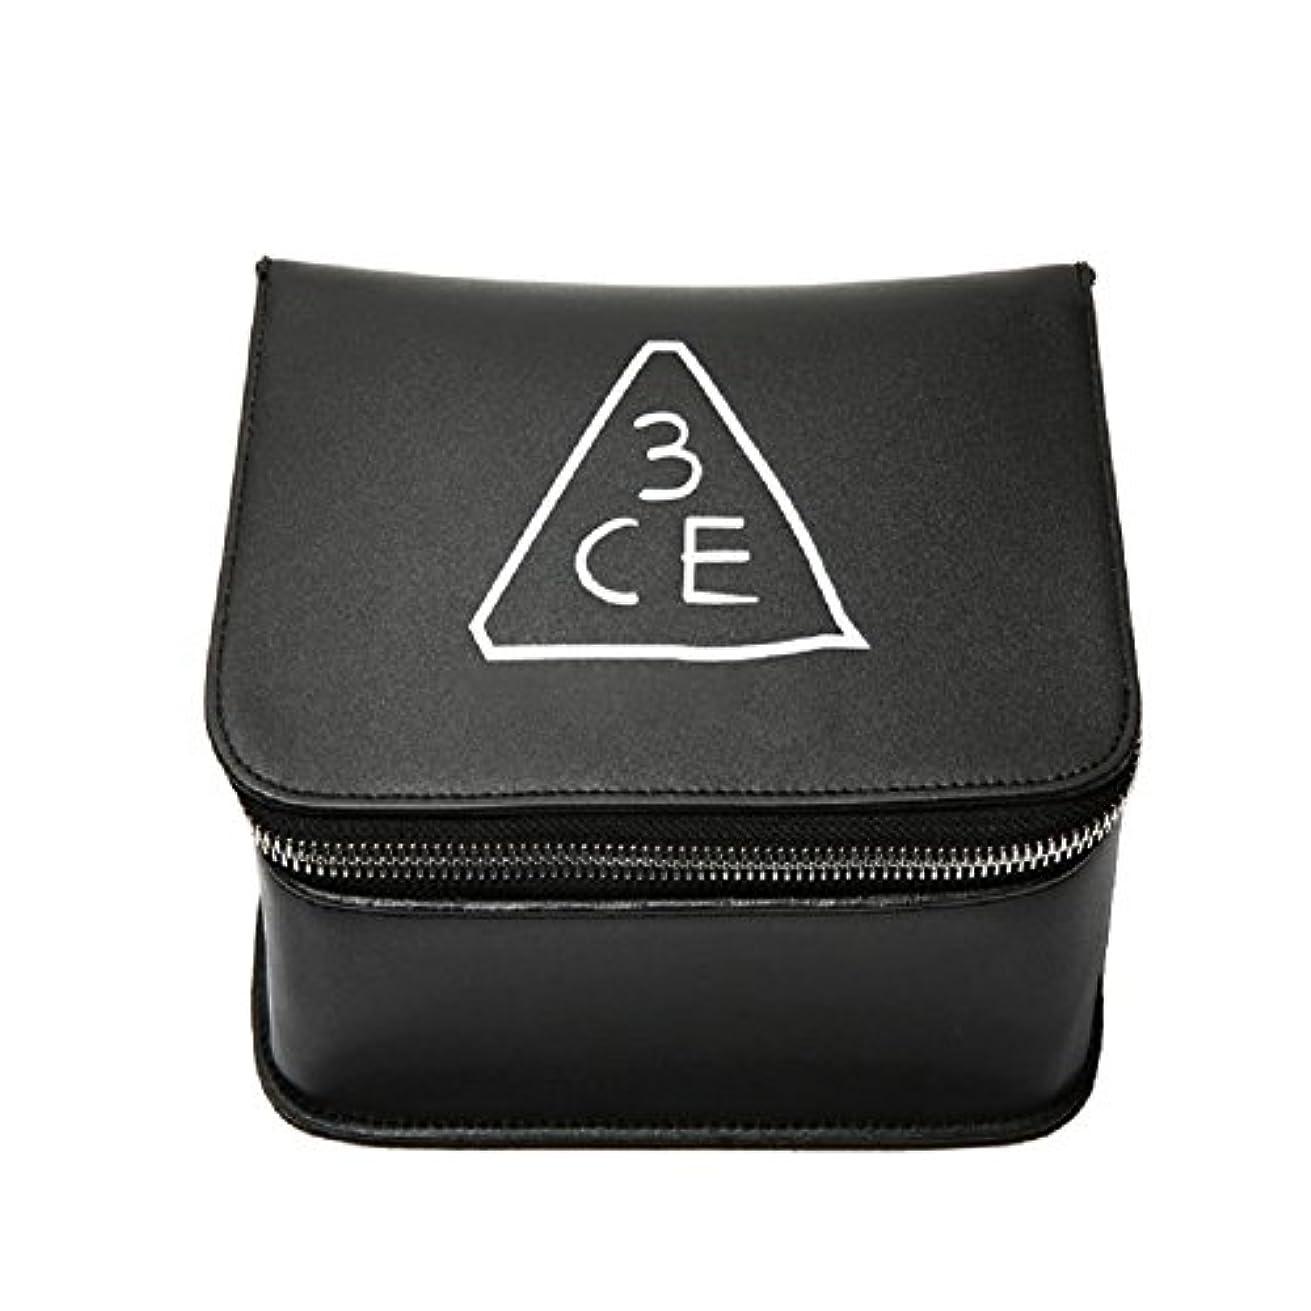 図書館チャーミングレキシコン3CE(3 CONCEPT EYES) COSMETIC BOX POUCH 化粧品 BOXポーチ stylenanda 婦人向け 旅行 ビッグサイズ[韓国並行輸入品]